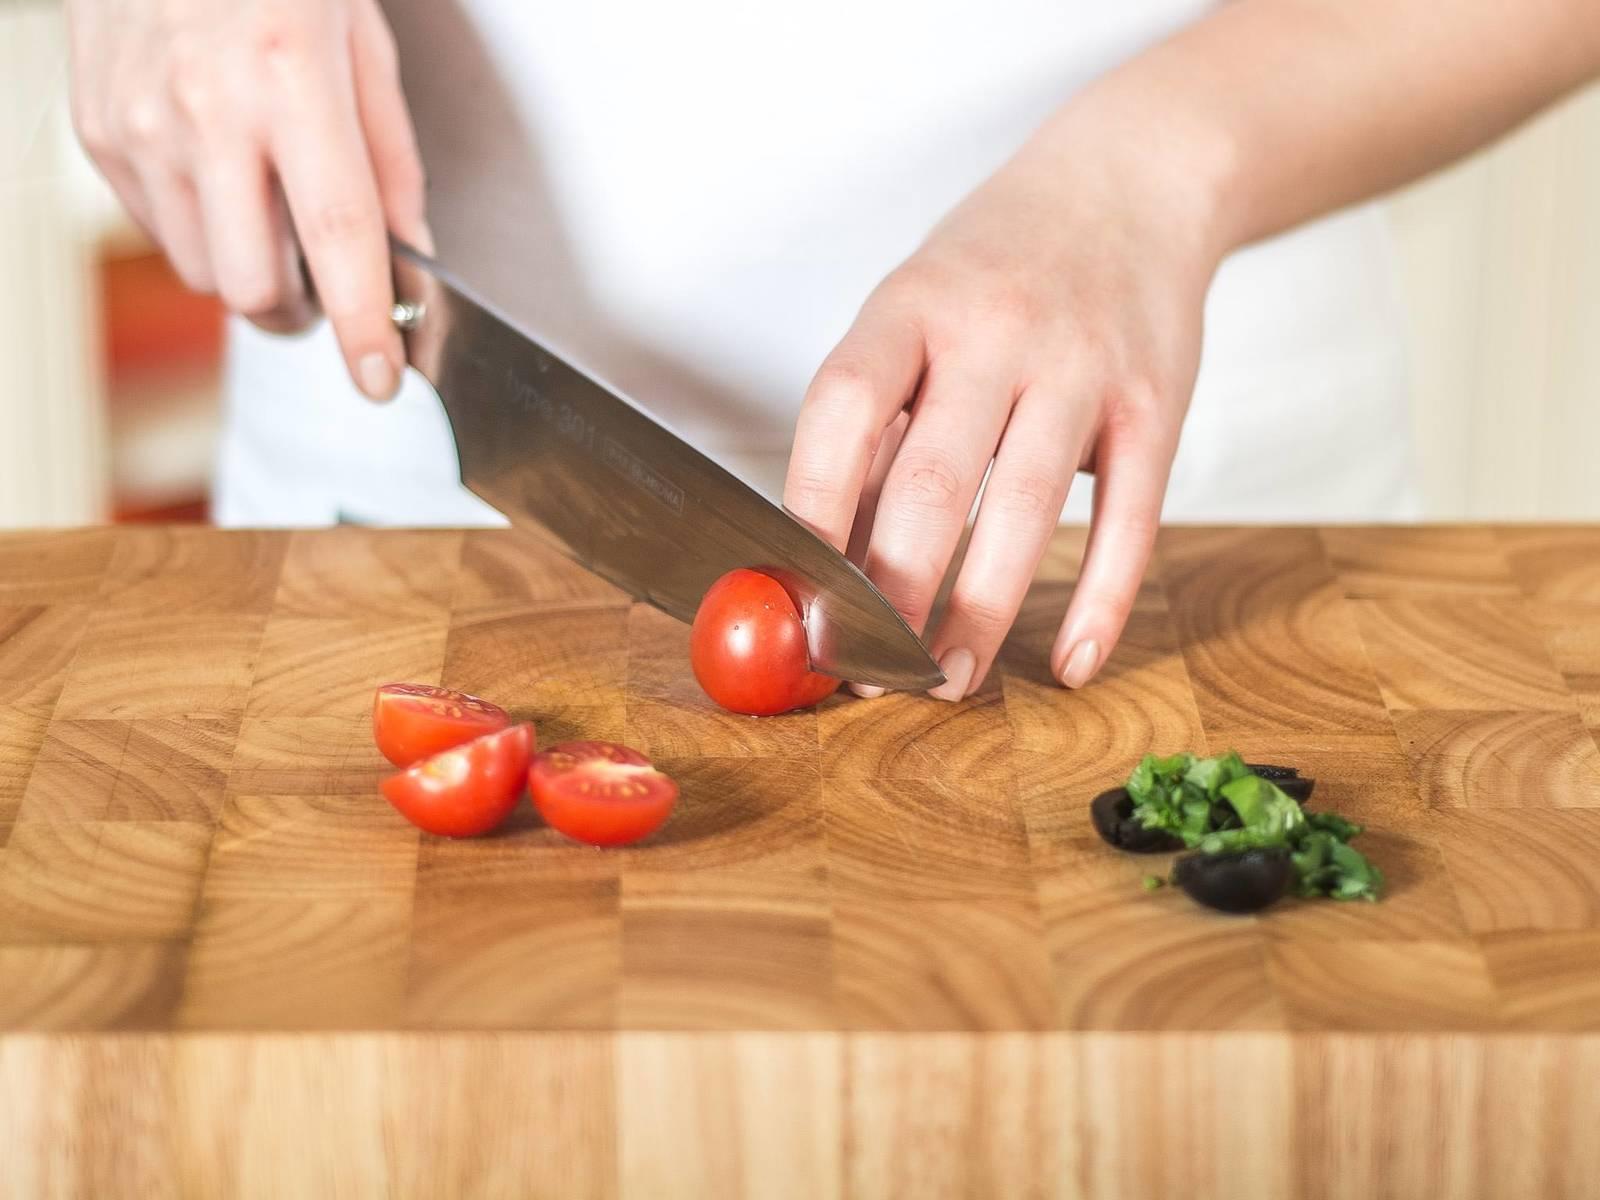 将罗勒切丝,橄榄和樱桃番茄切半。